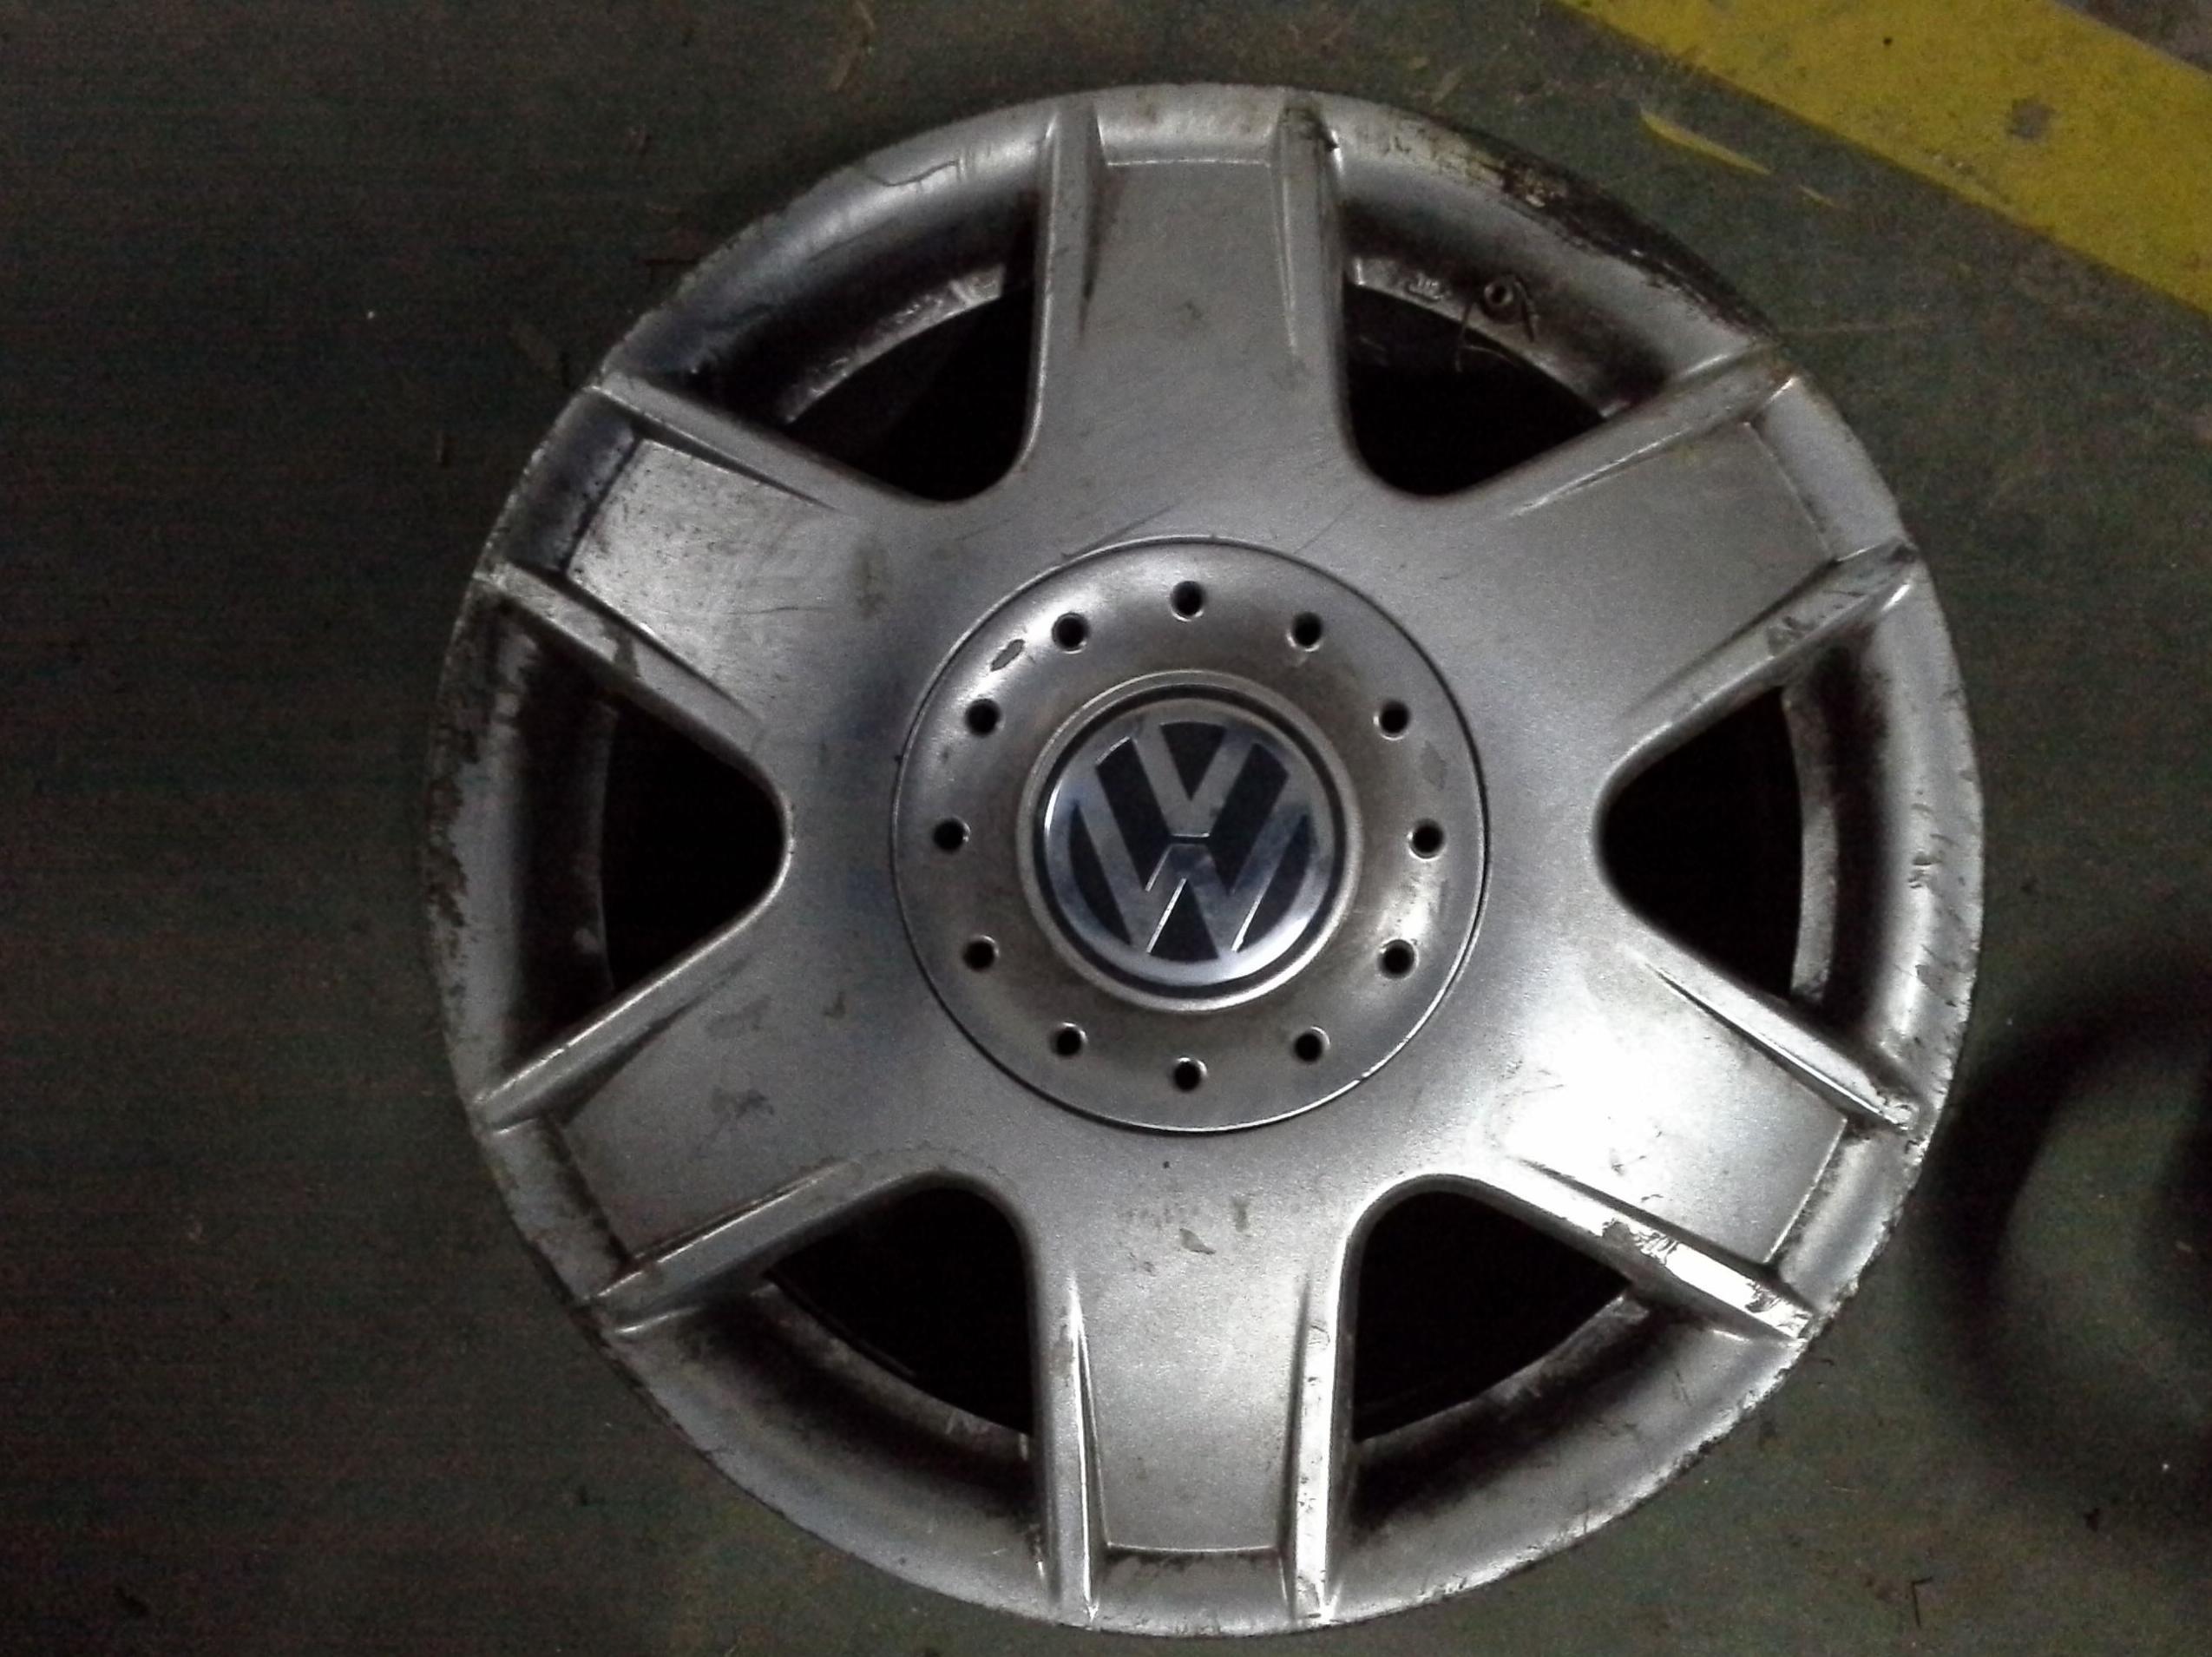 Llantas de aluminio de Volkswagen de R-16 de 5 tornillos en desguaces Clemente de Albacete